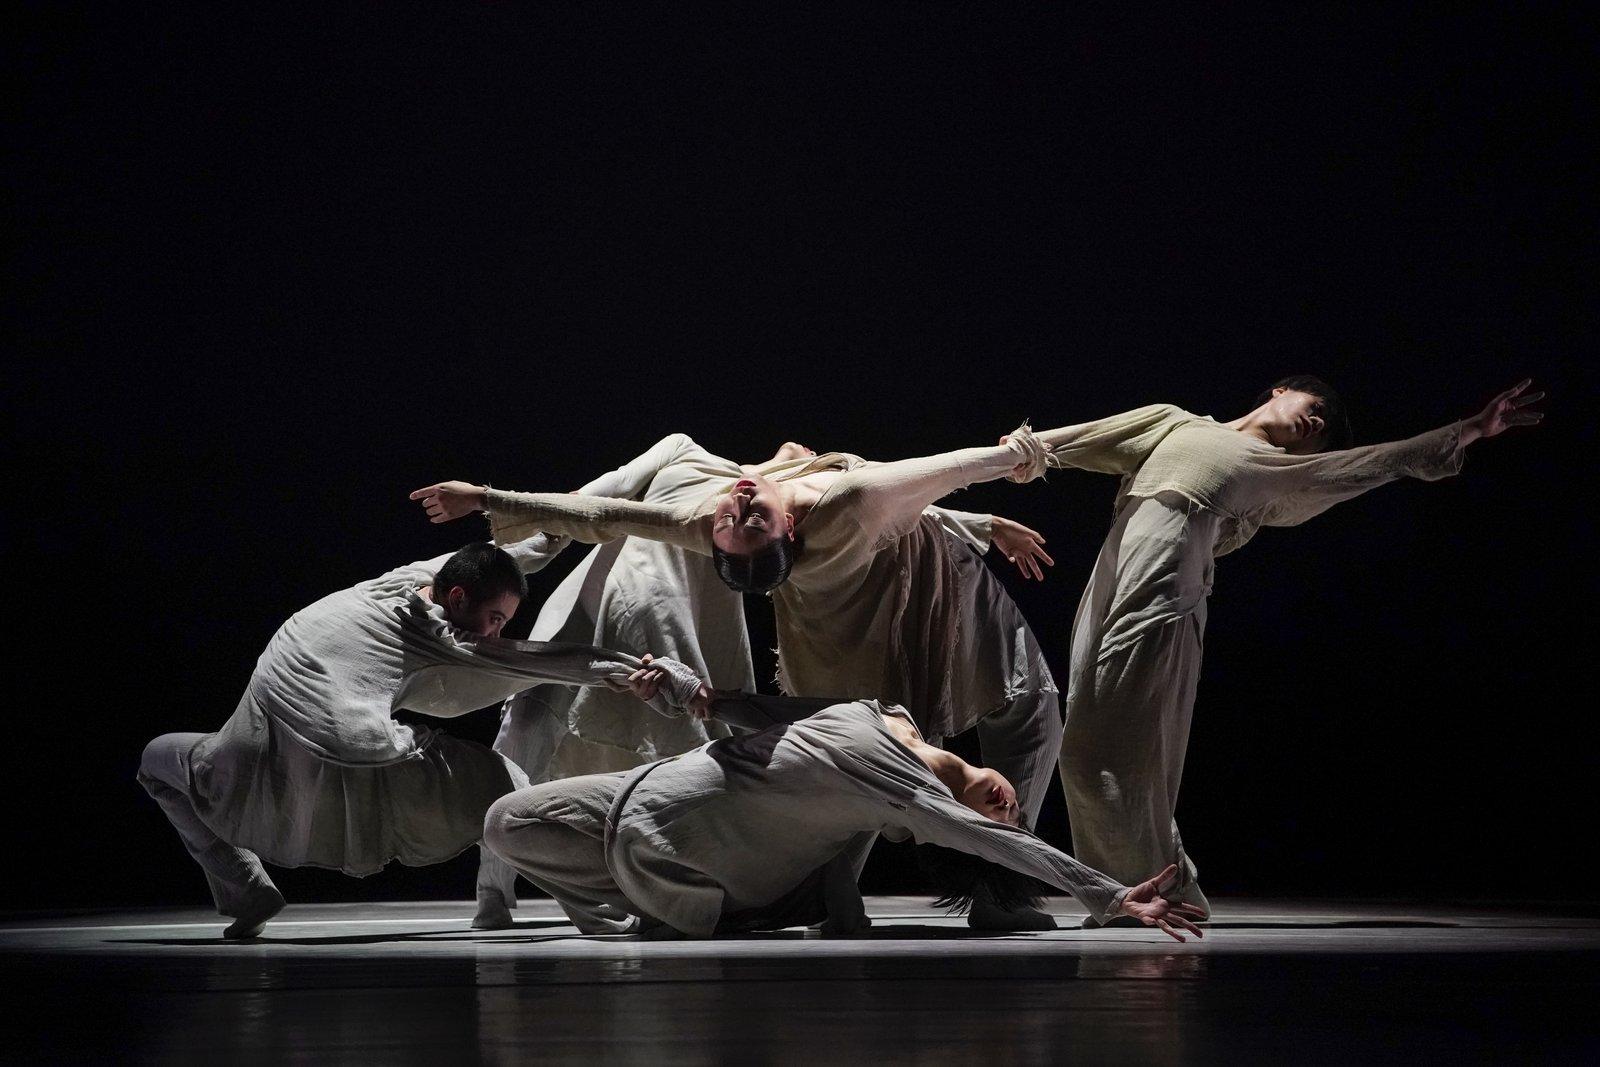 Companhia de Dança Teatro Xie Xin no CCM em Fevereiro